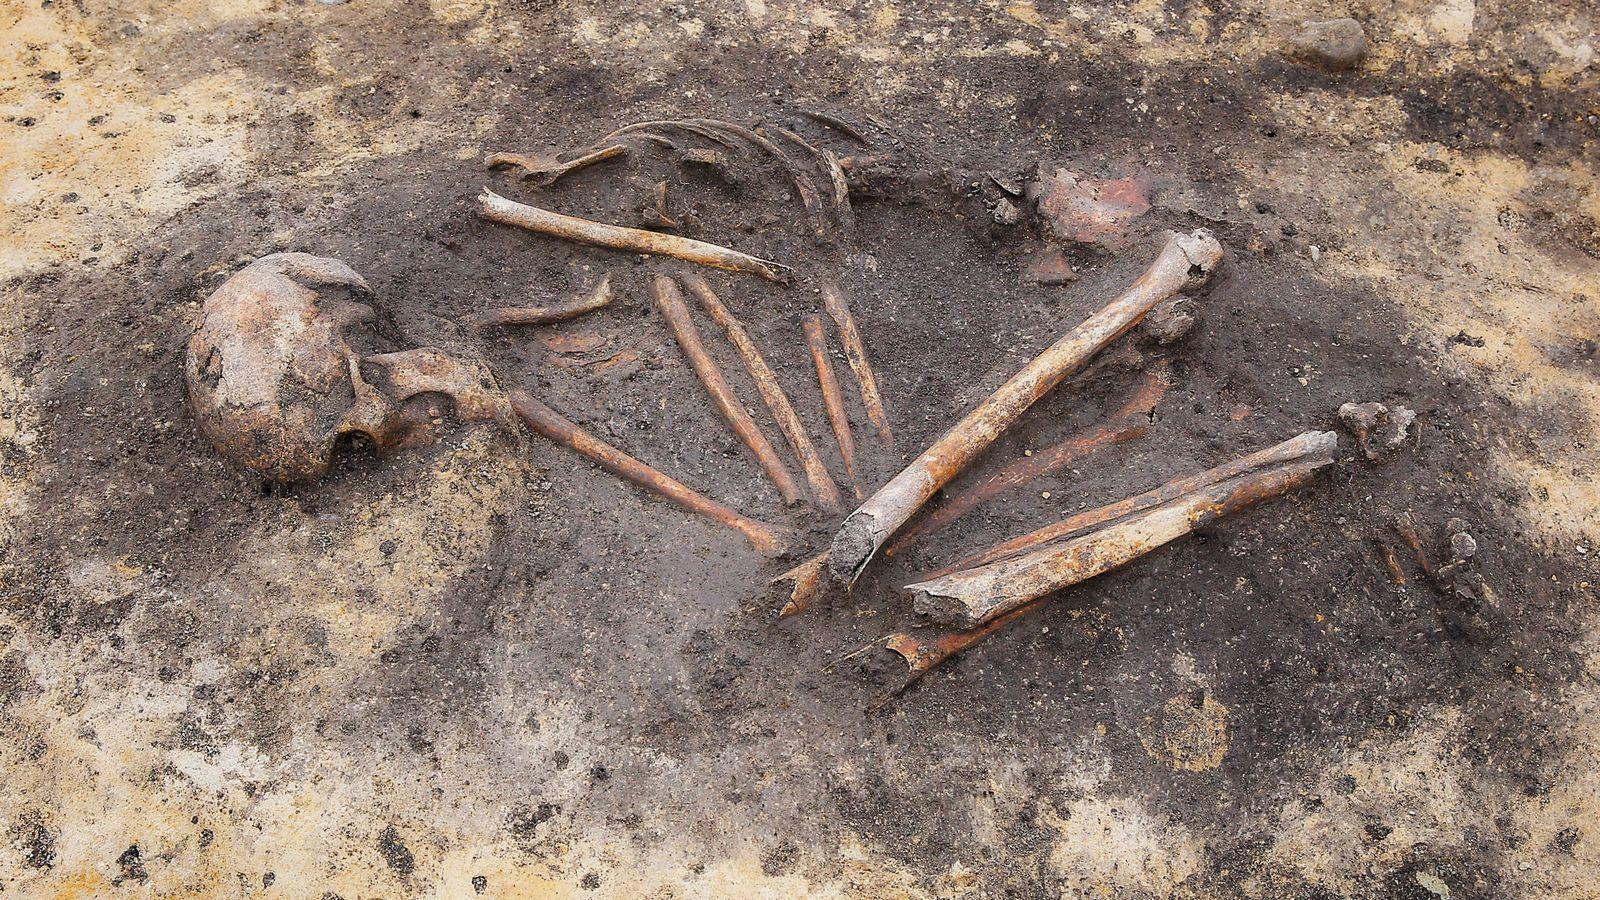 Os arqueólogos já tinham encontrado indícios de desigualdades sociais em enterros da Idade do Bronze, mas ...